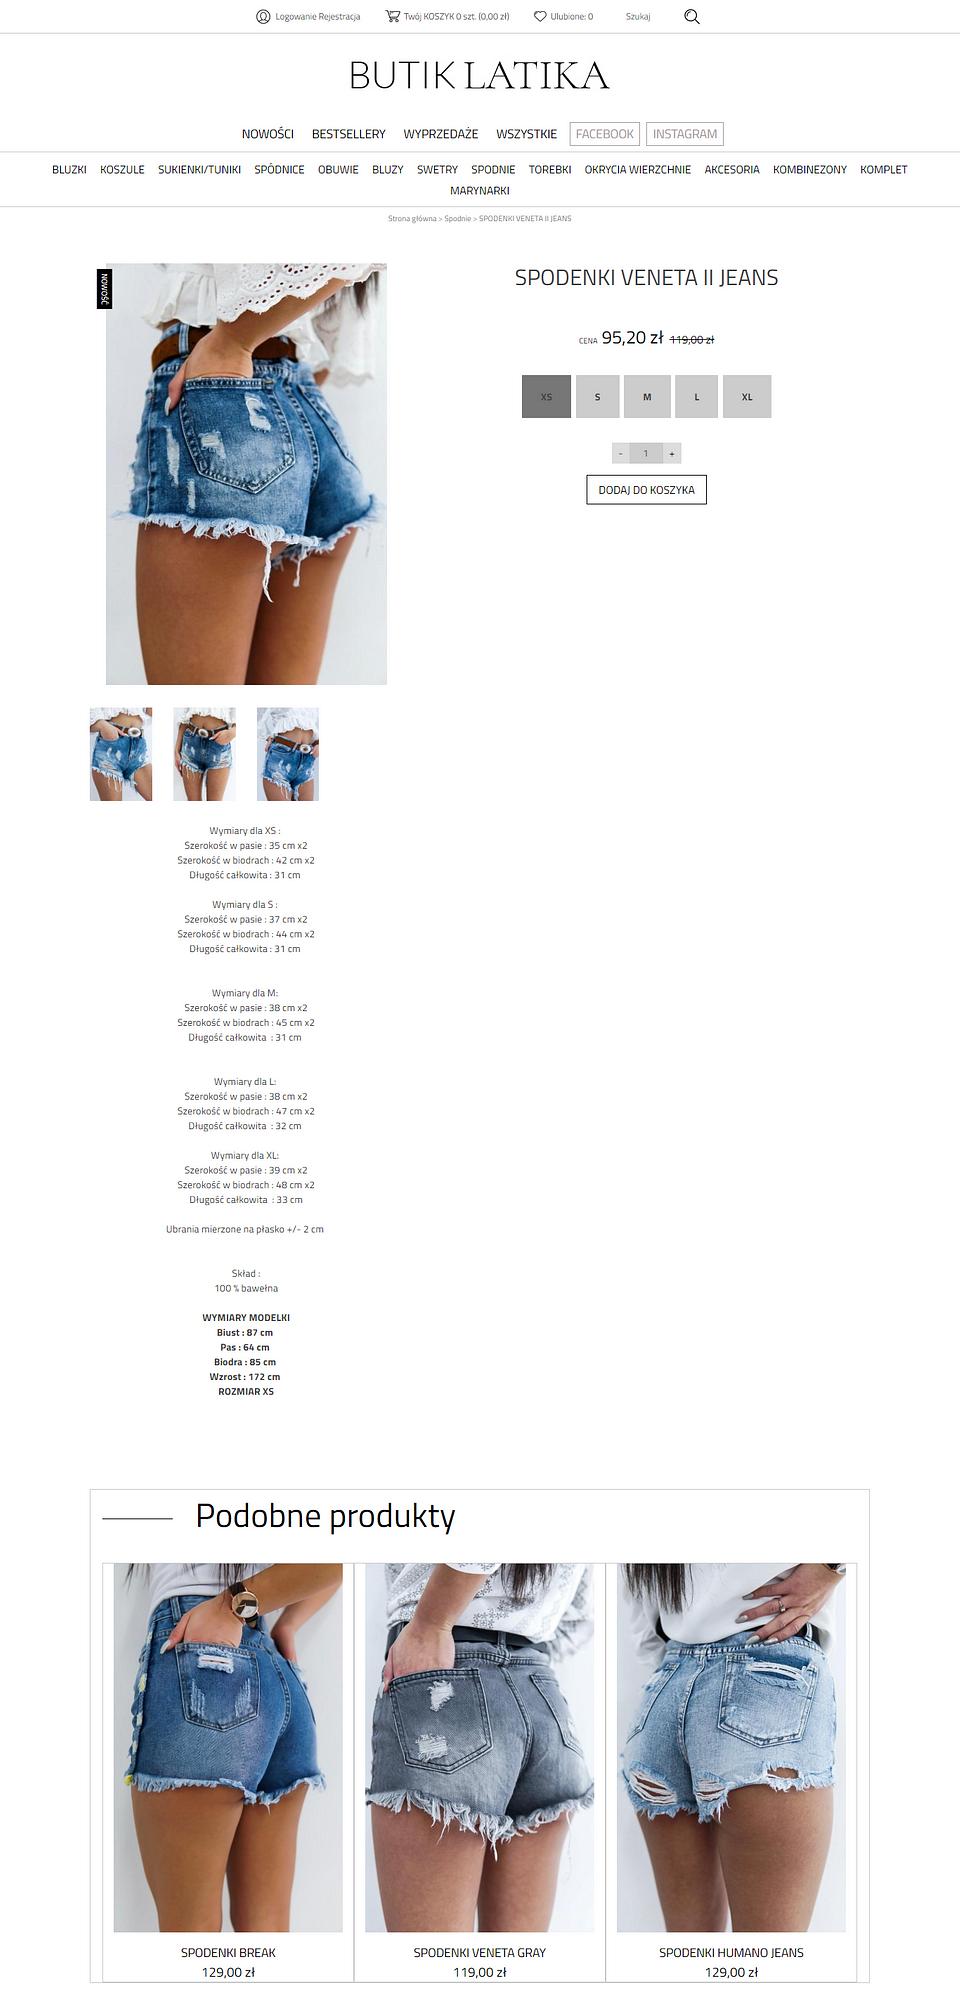 Rozpoznawanie obrazów SaveCart na przykładzie butiklatika.pl, który oferuje modne ubrania dla kobiet.